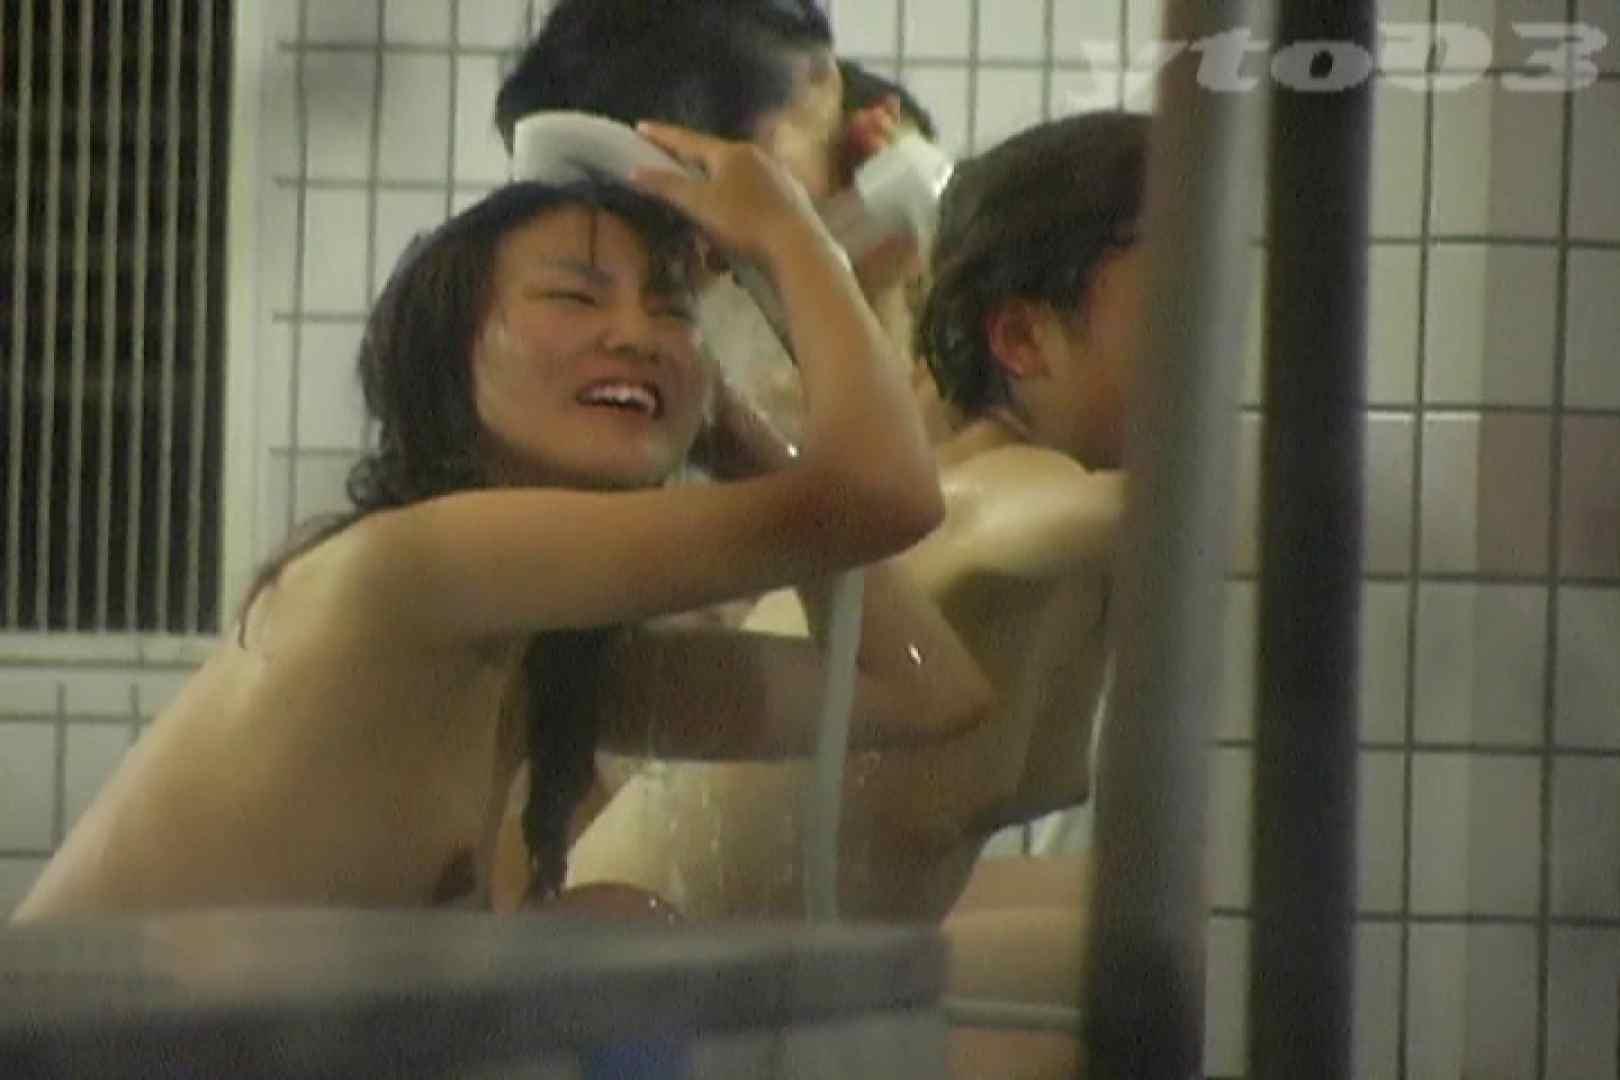 【期間限定配信】合宿ホテル女風呂盗撮 Vol.19 女風呂 オマンコ動画キャプチャ 73画像 38